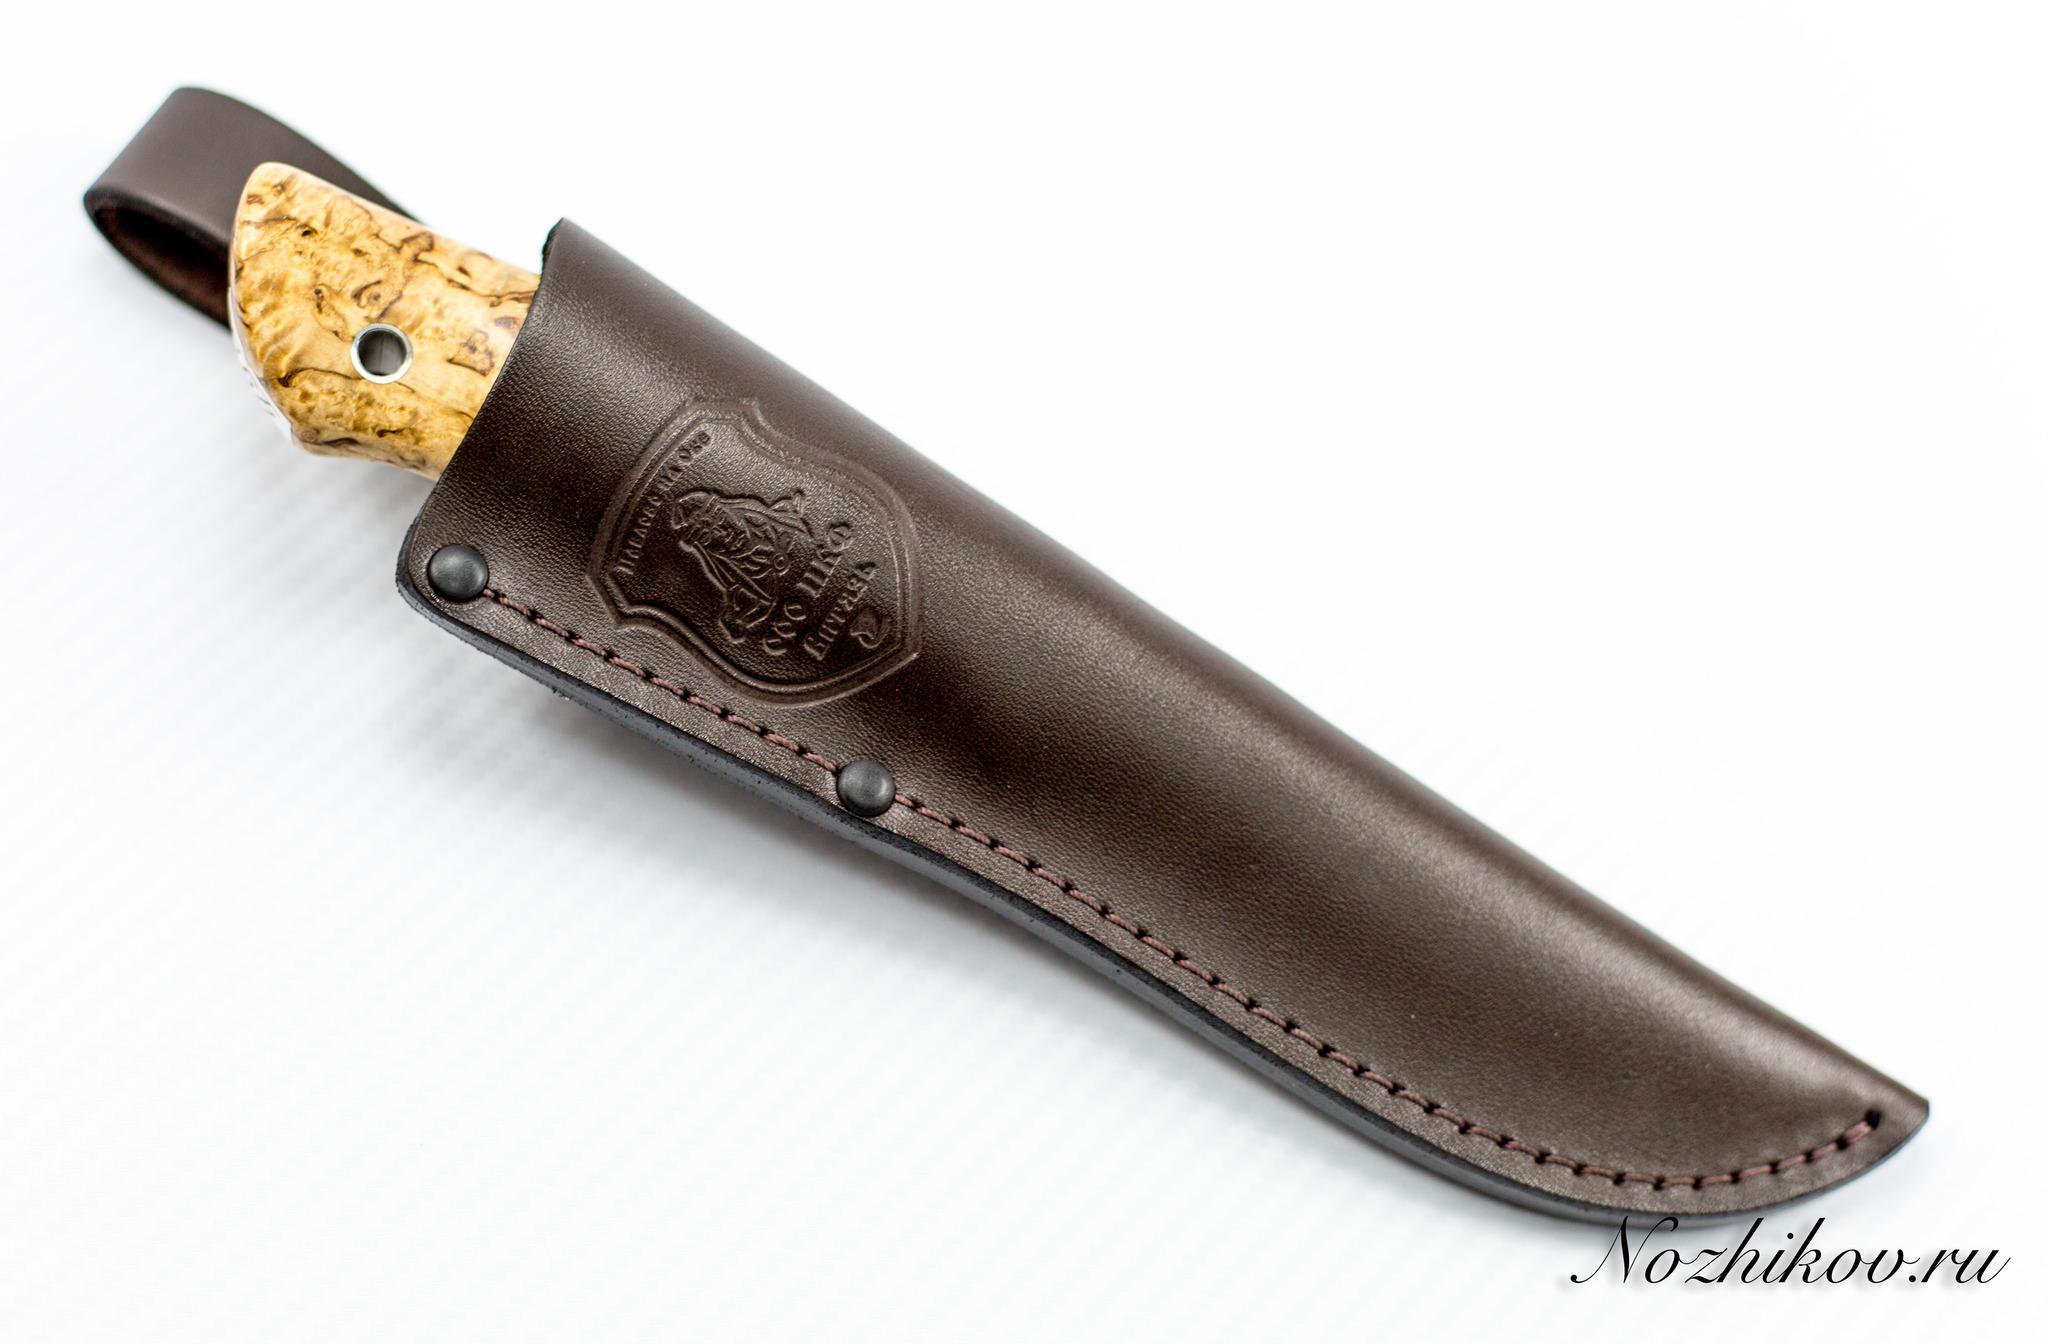 Нож Нырок, M390, коричневый